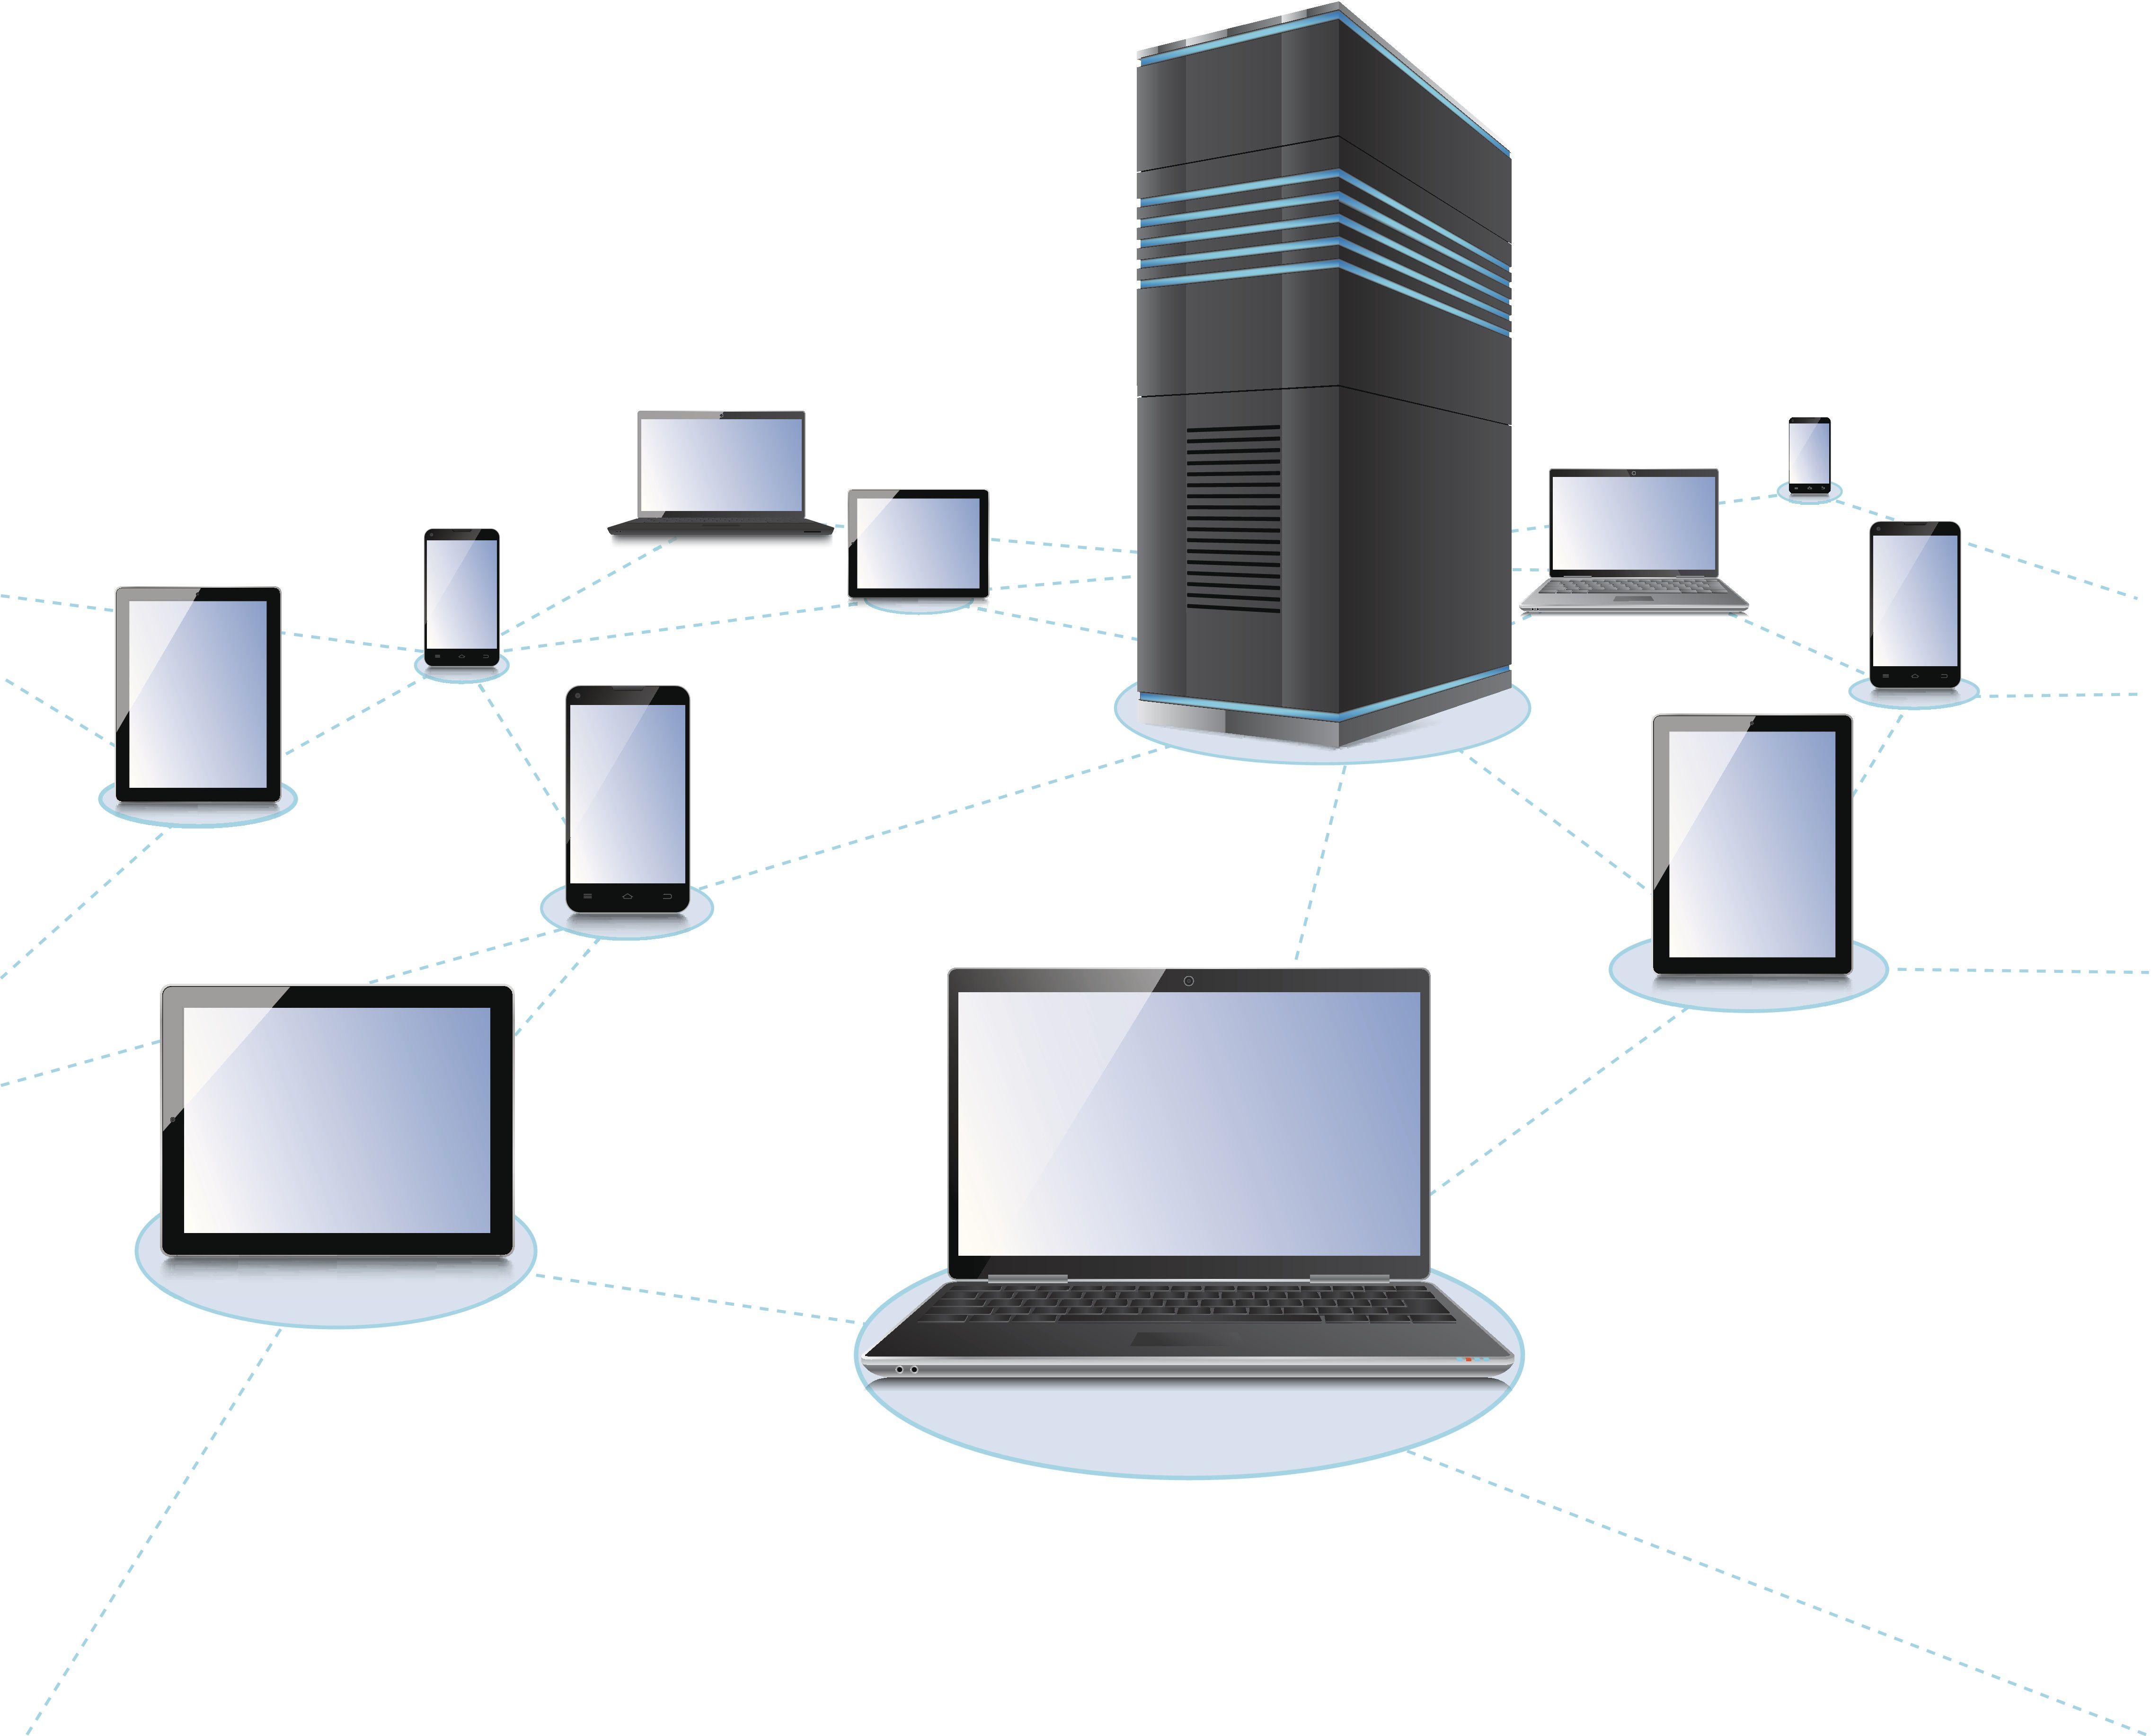 Set Up Home Server Windows